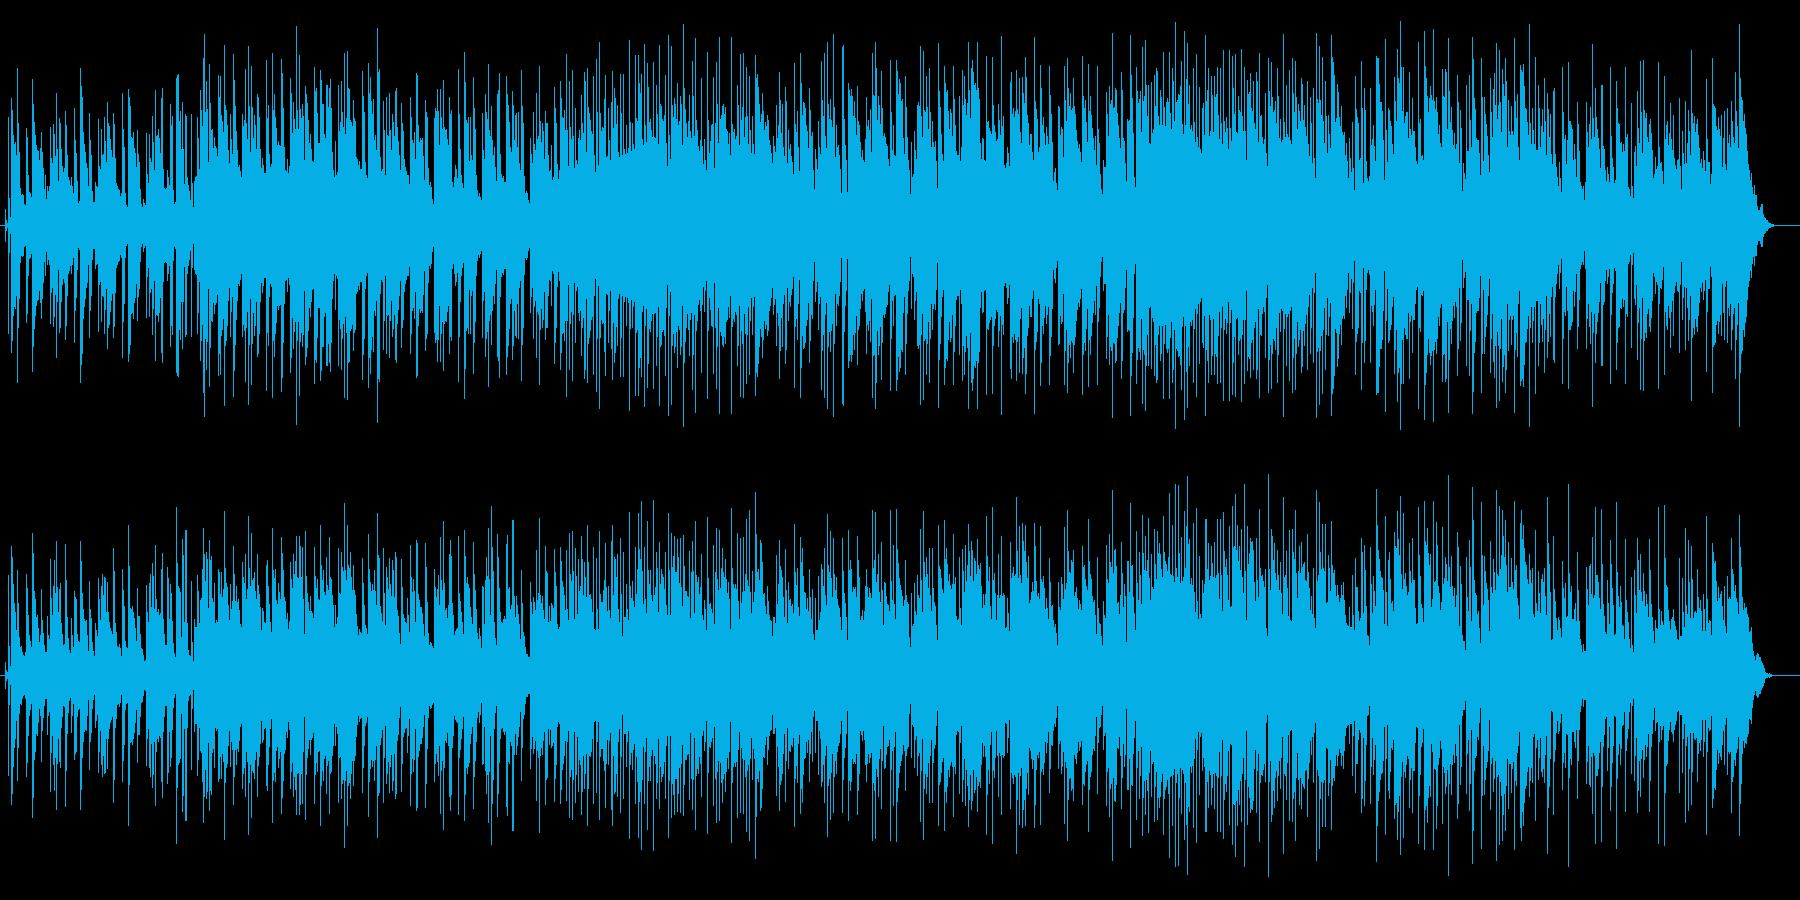 ブラス系の音色の軽快なポップスの再生済みの波形